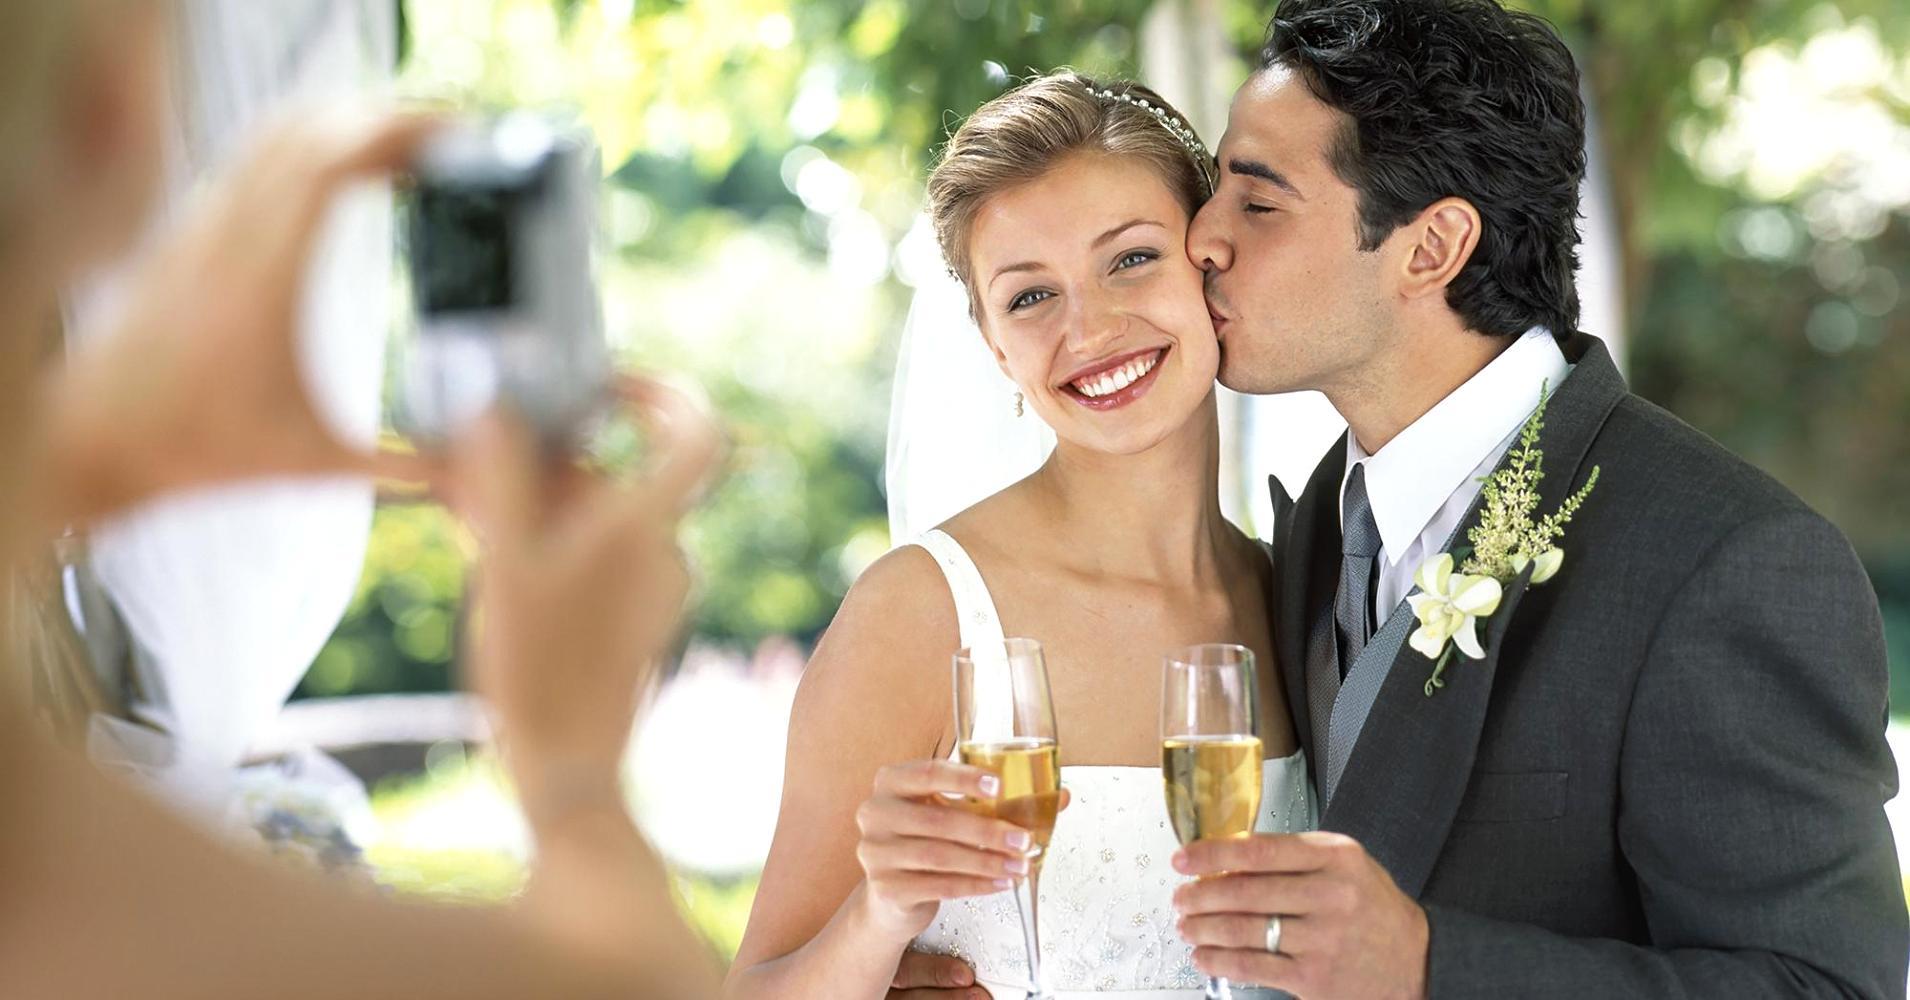 En Eğlenceli Düğün İçin Fikirler